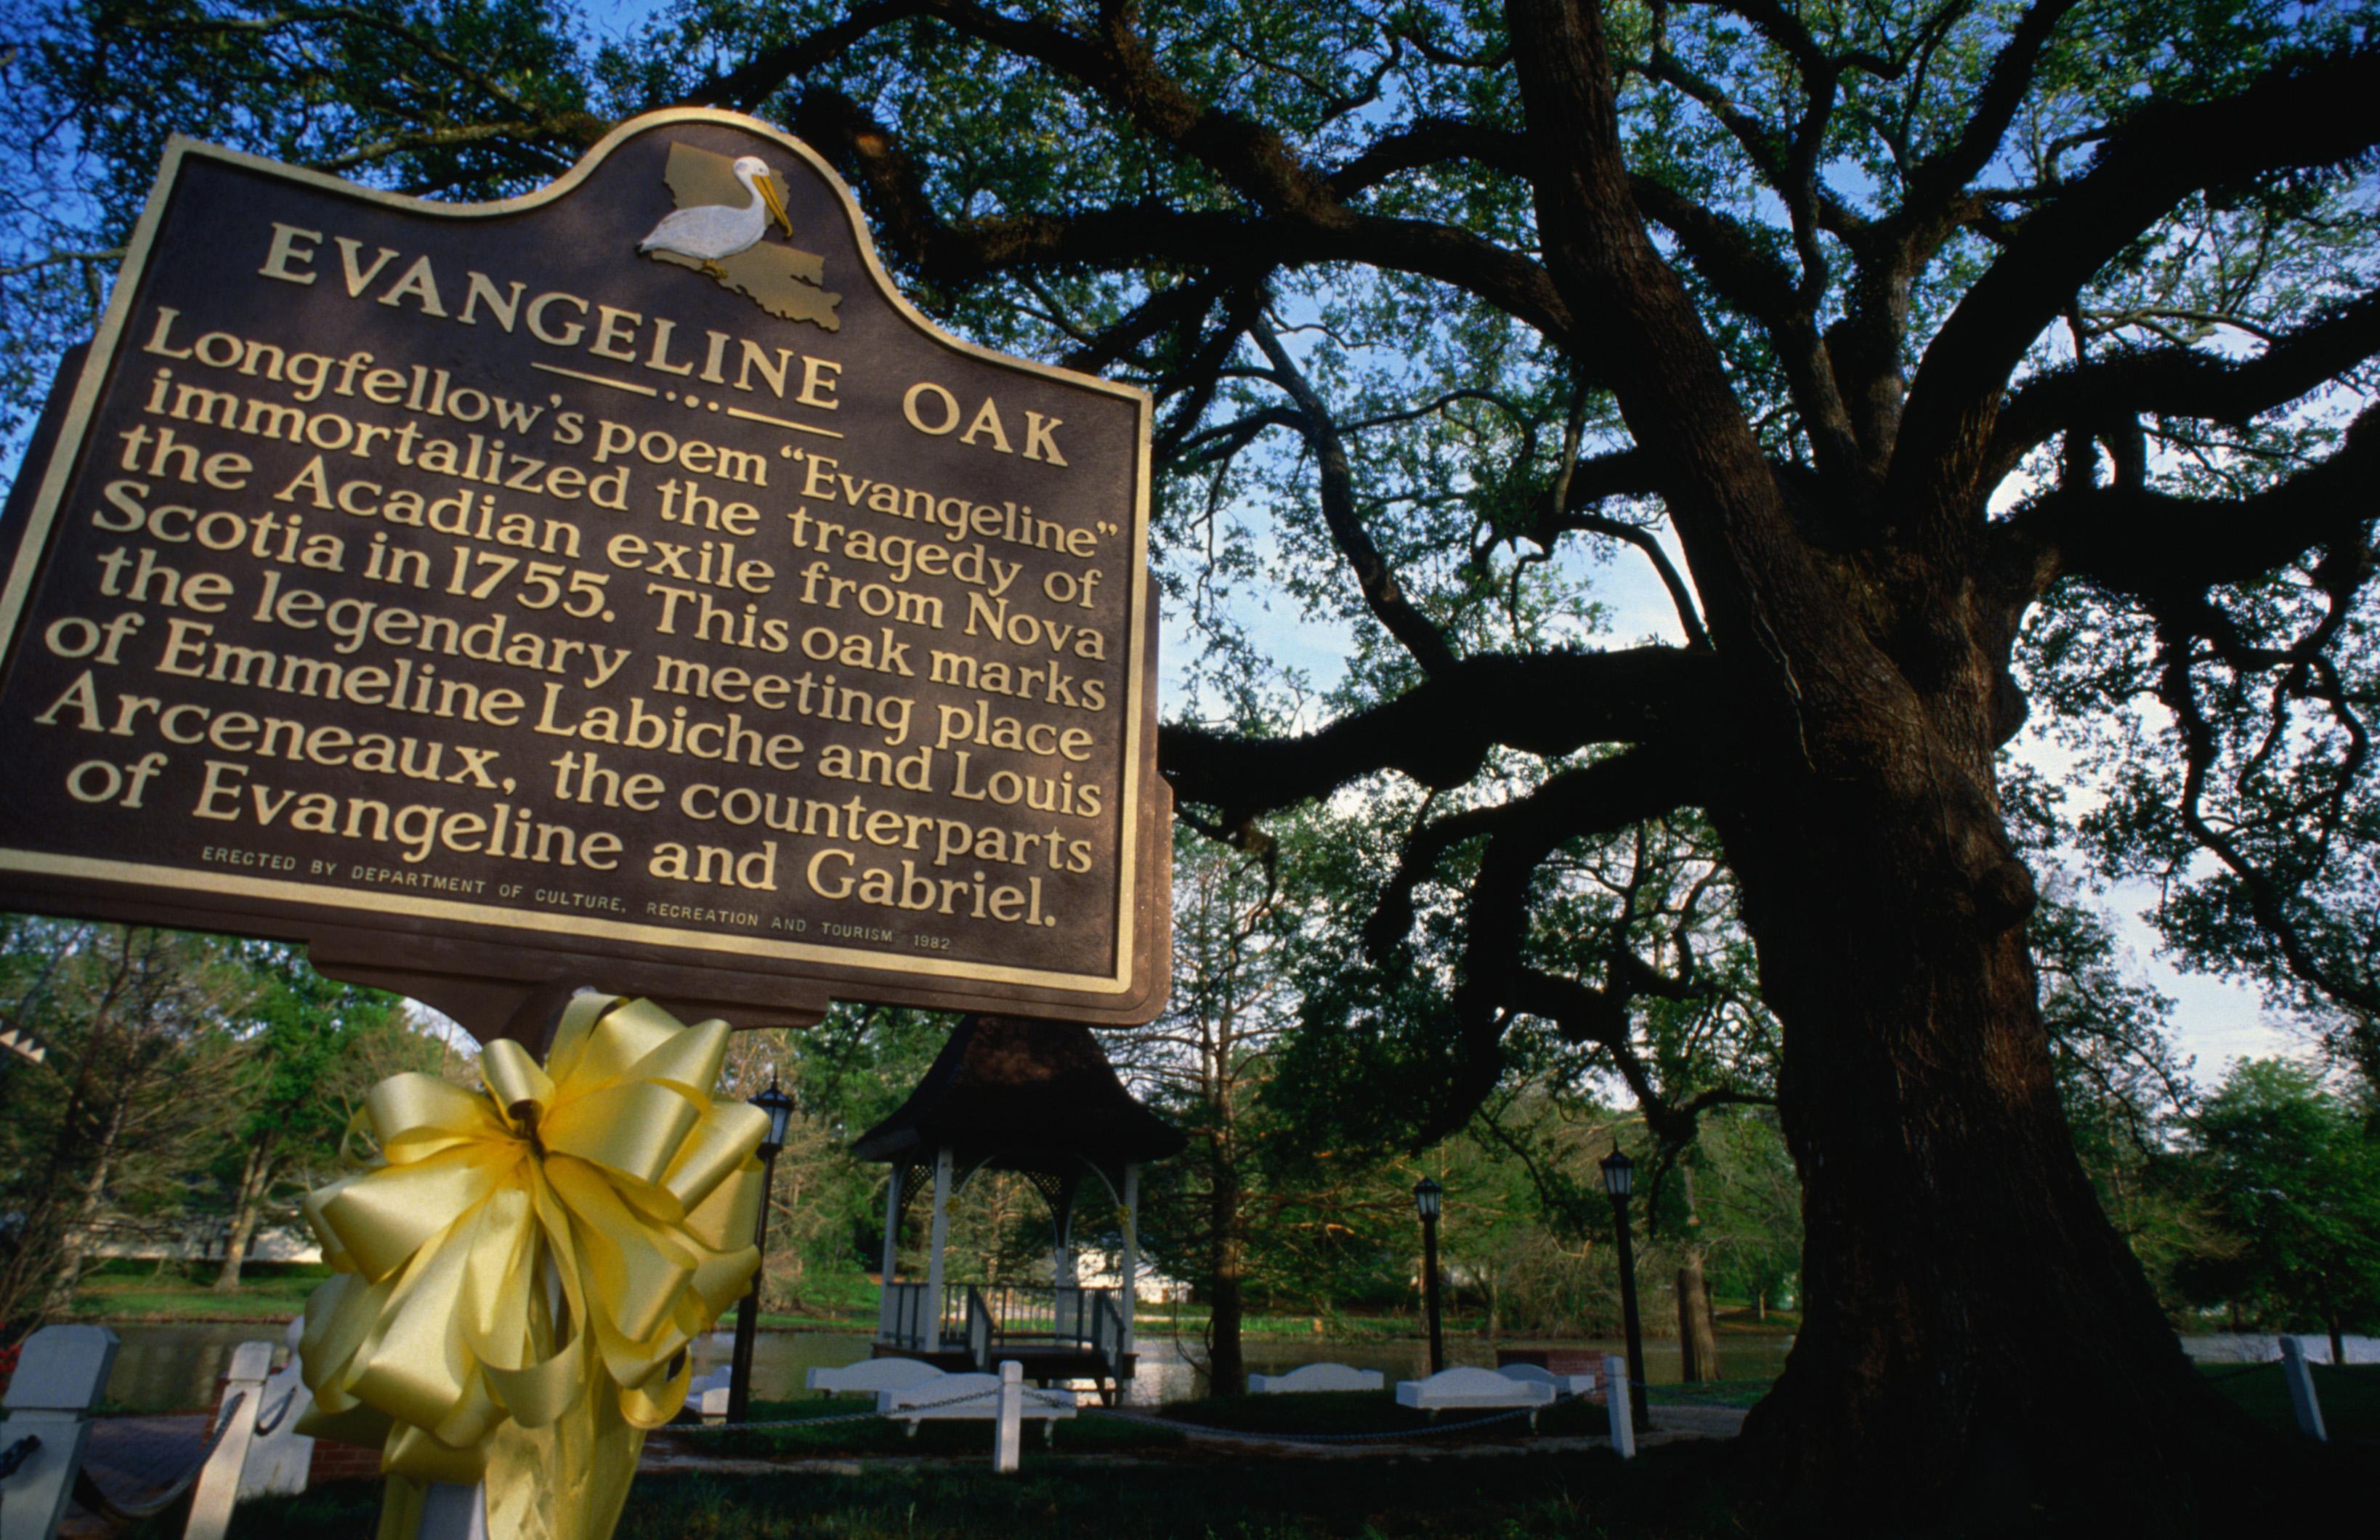 Placa conmemorativa en el Evangeline Oak.